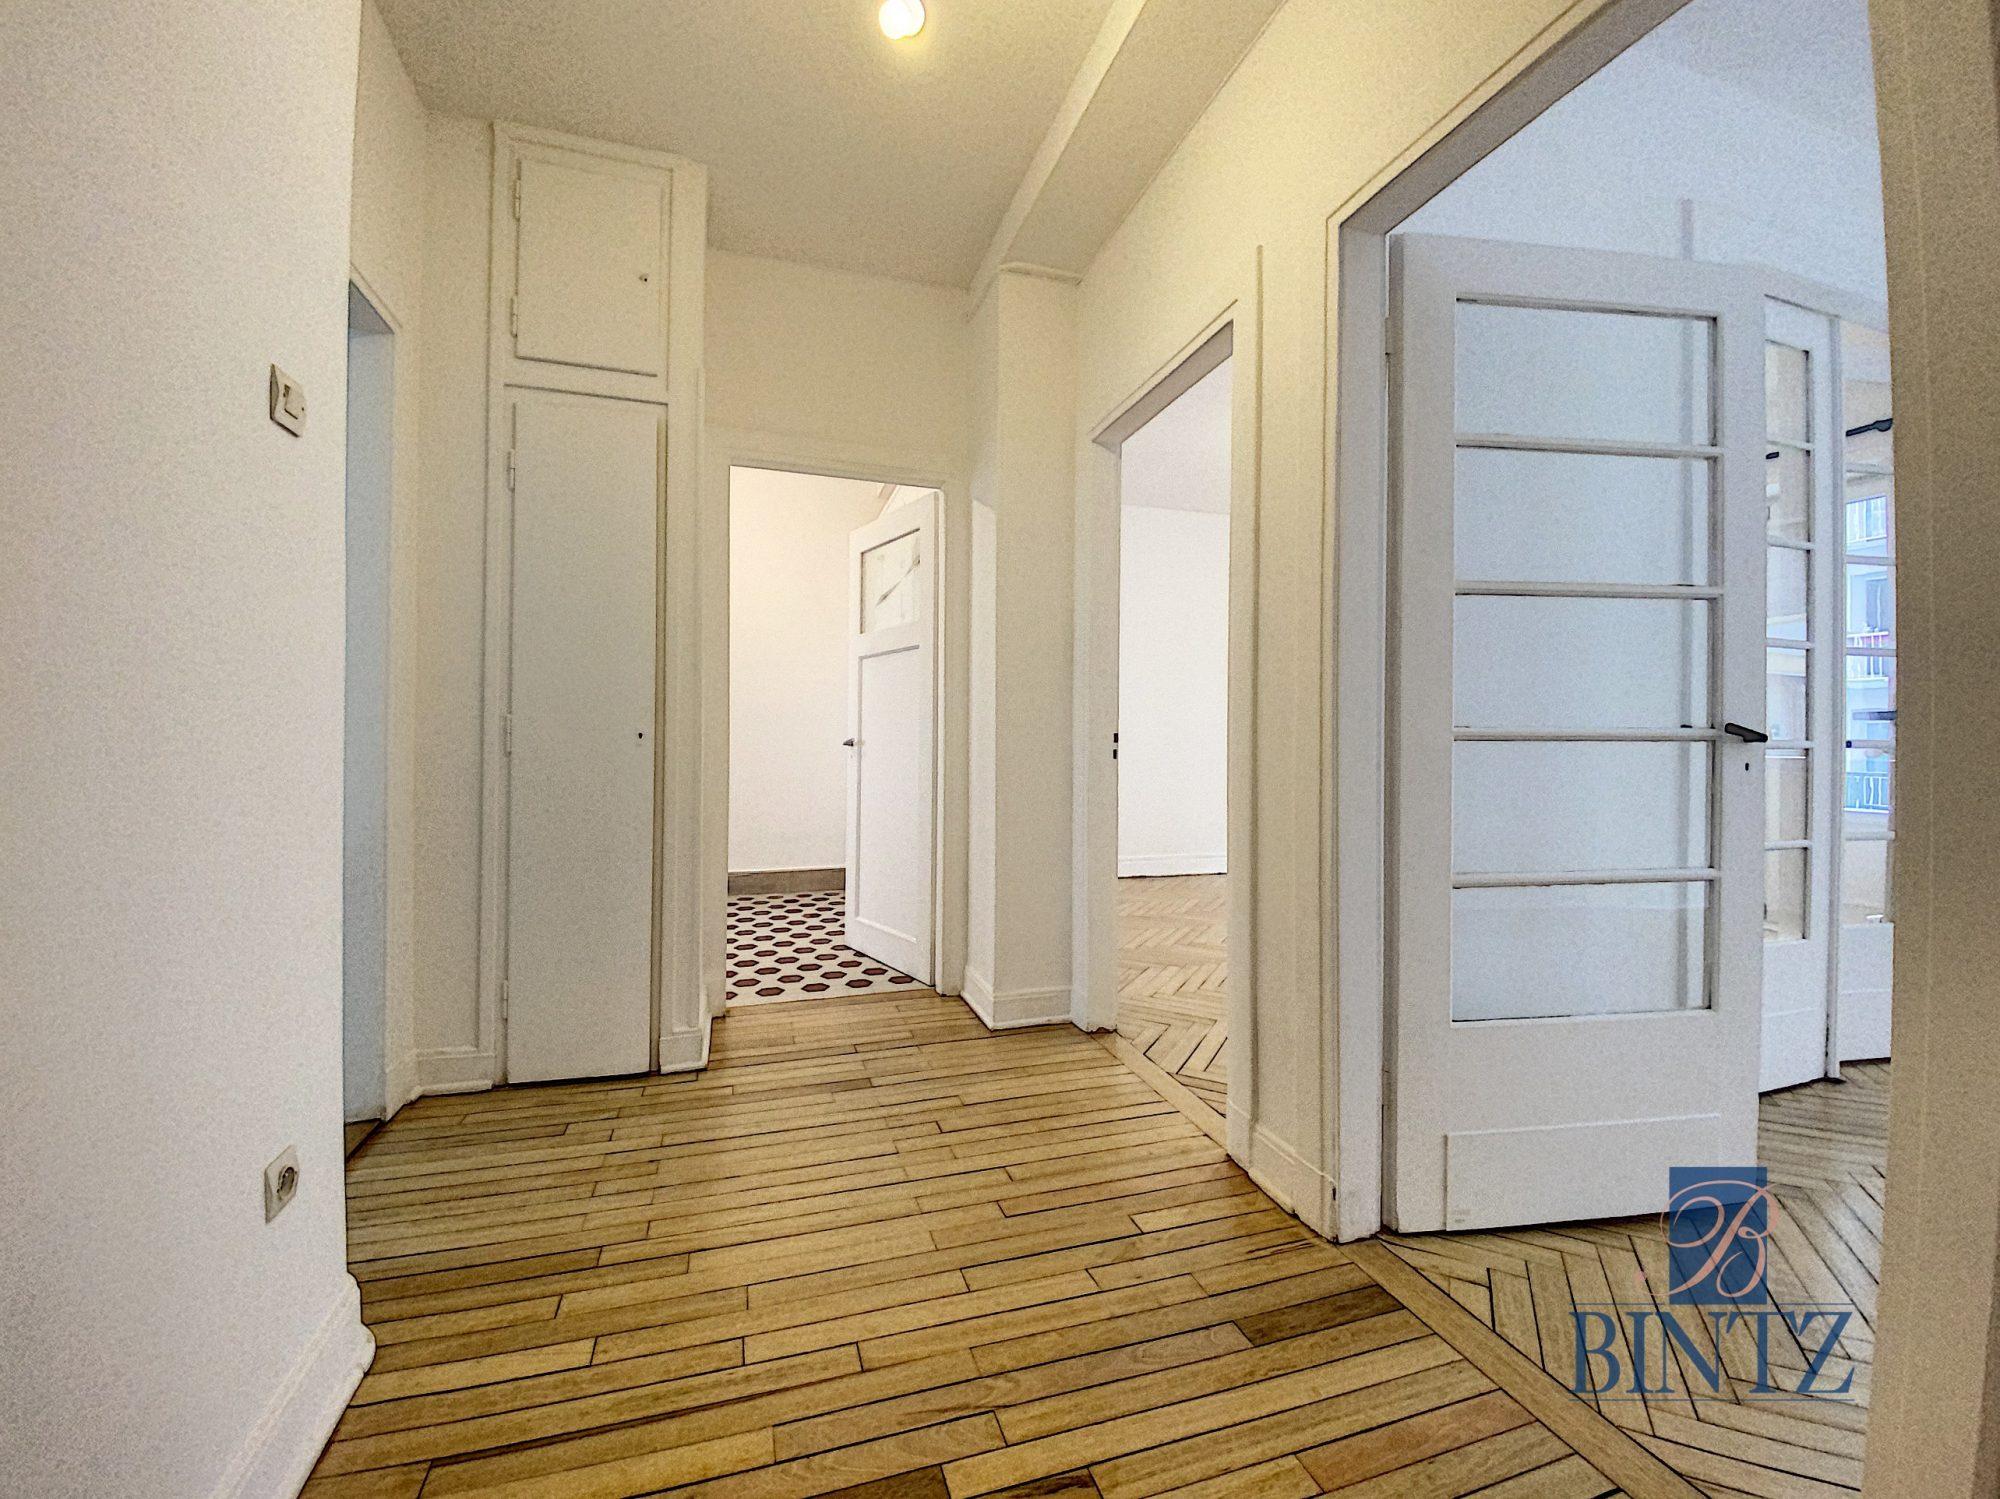 2 PIÈCES KRUTENAU - Devenez locataire en toute sérénité - Bintz Immobilier - 3